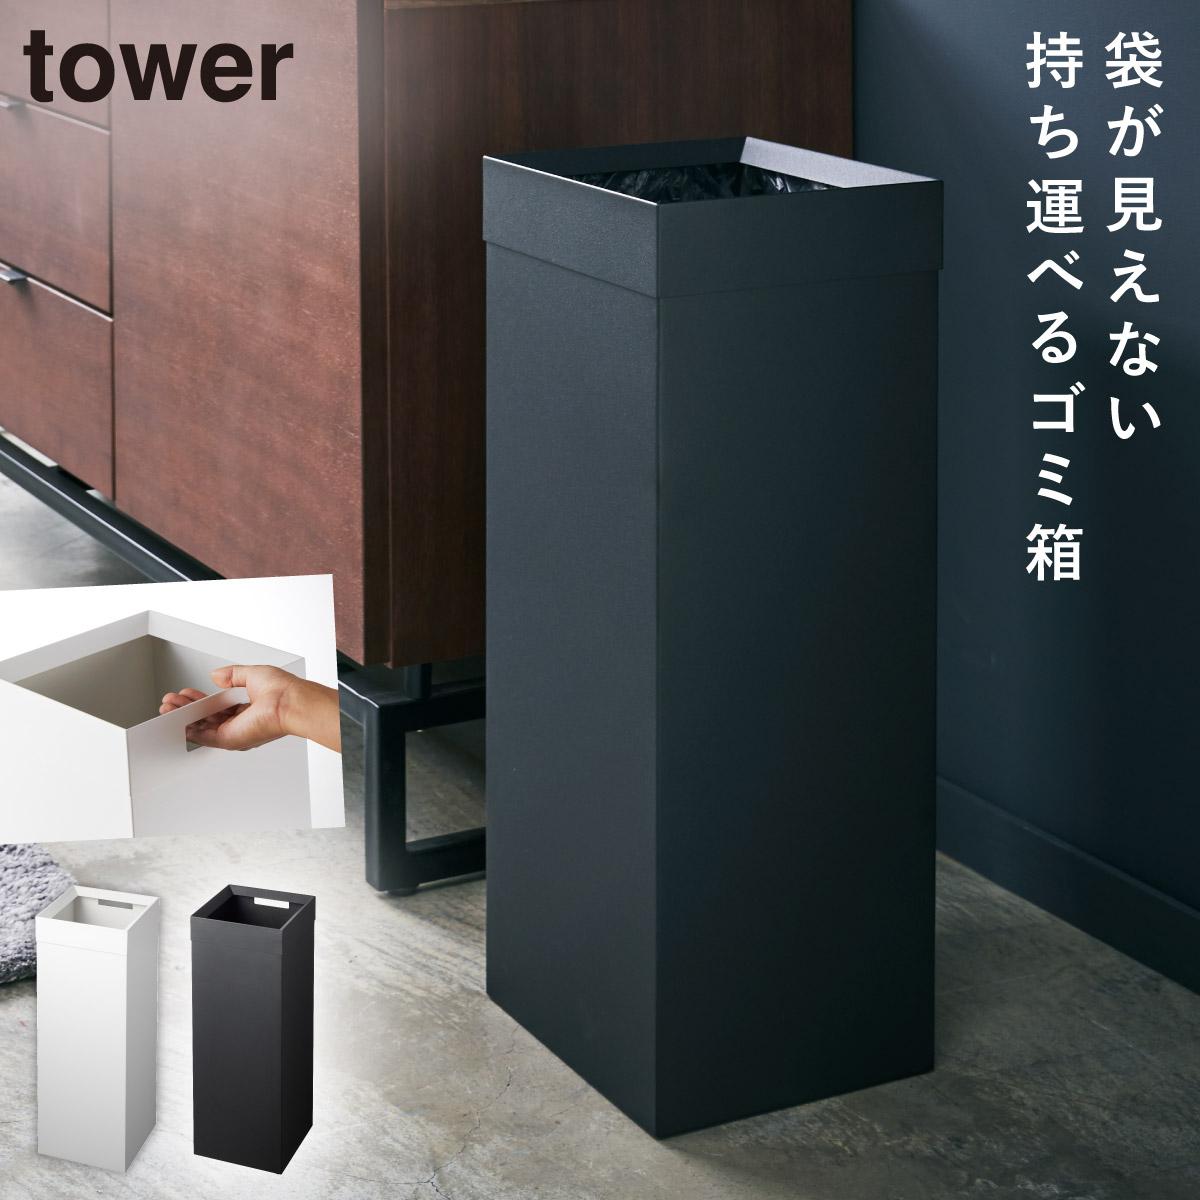 ゴミ箱 ごみ箱 スリム おしゃれ スクエア トラッシュカン 角型ロング タワー tower シンプル ホワイト ブラック